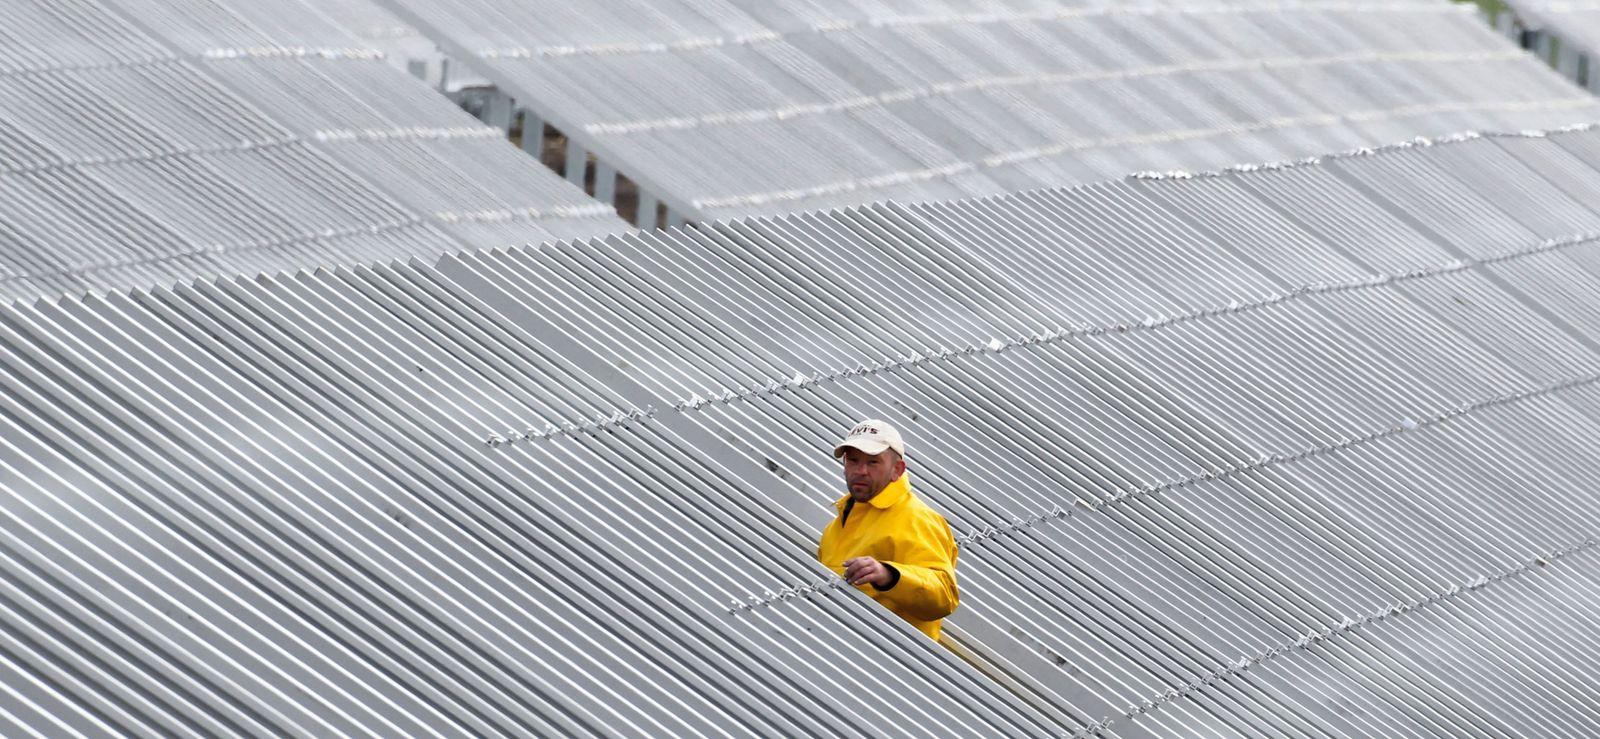 Solarpark im Aufbau